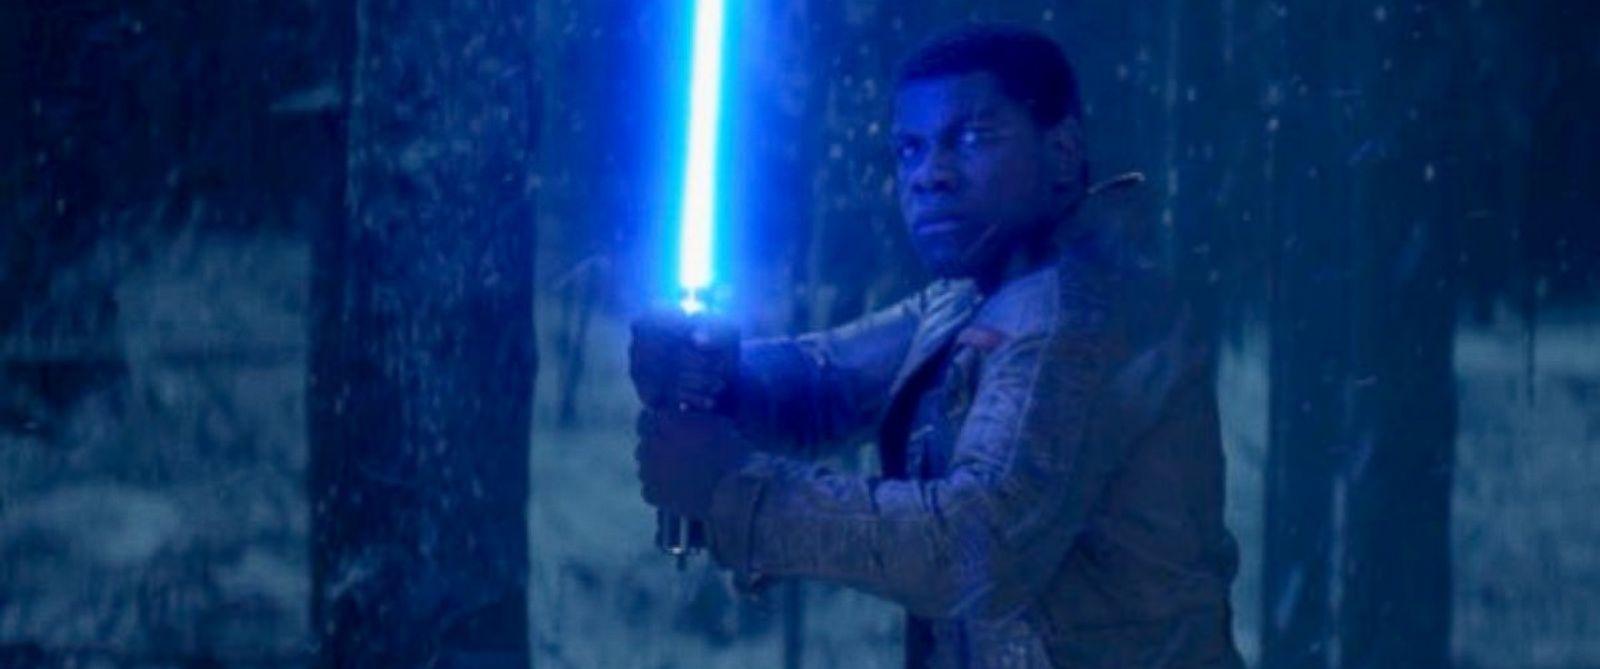 Star Wars Disney Movie New Movie Star Wars The